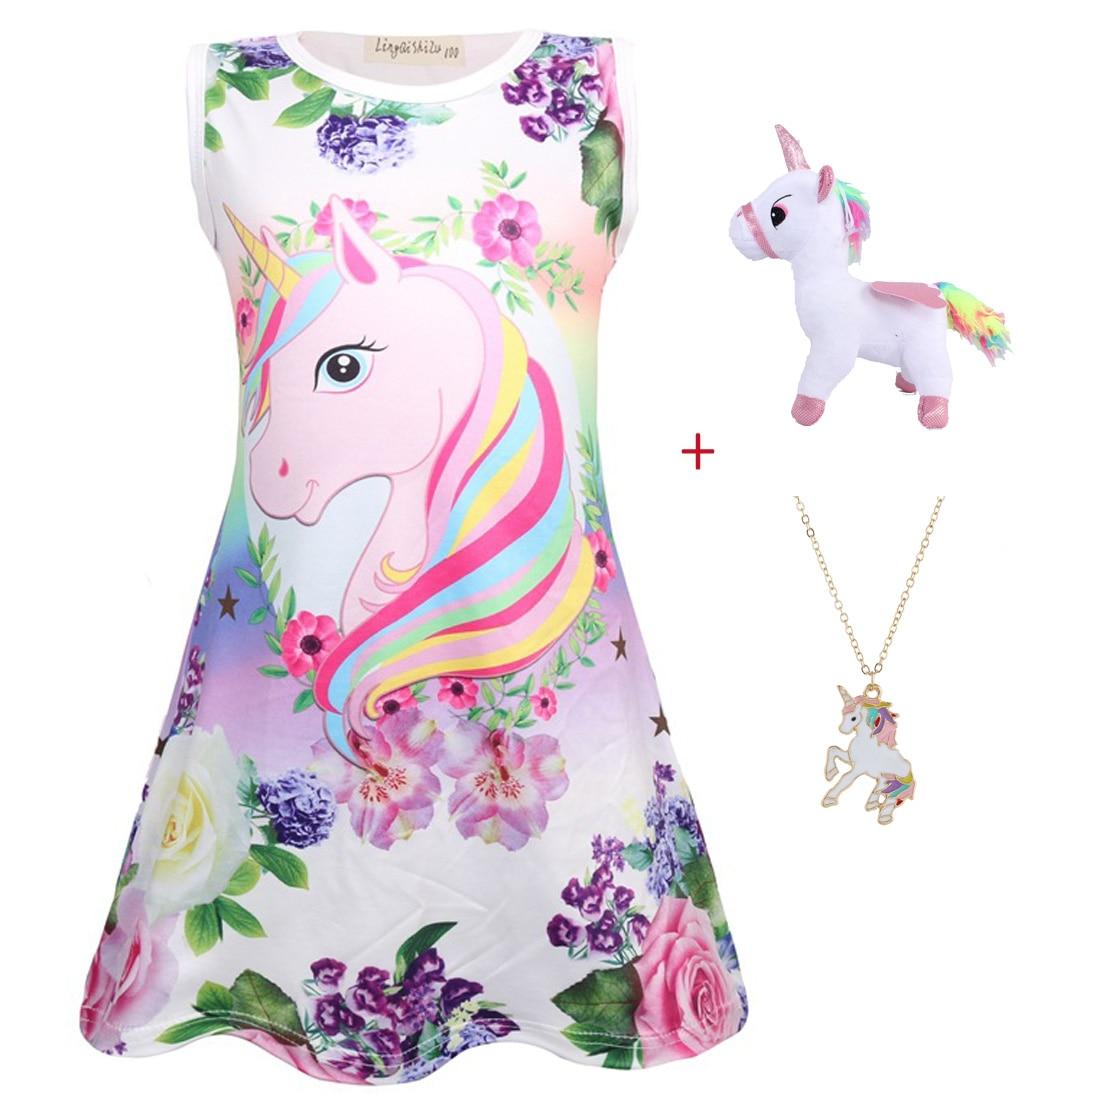 Платье для маленьких девочек, платье без рукавов для девочек, детская одежда для вечеринок в стиле «лол», одежда с единорогом для 4, 5, 6, 7, 8, 9, 10 лет, 2019